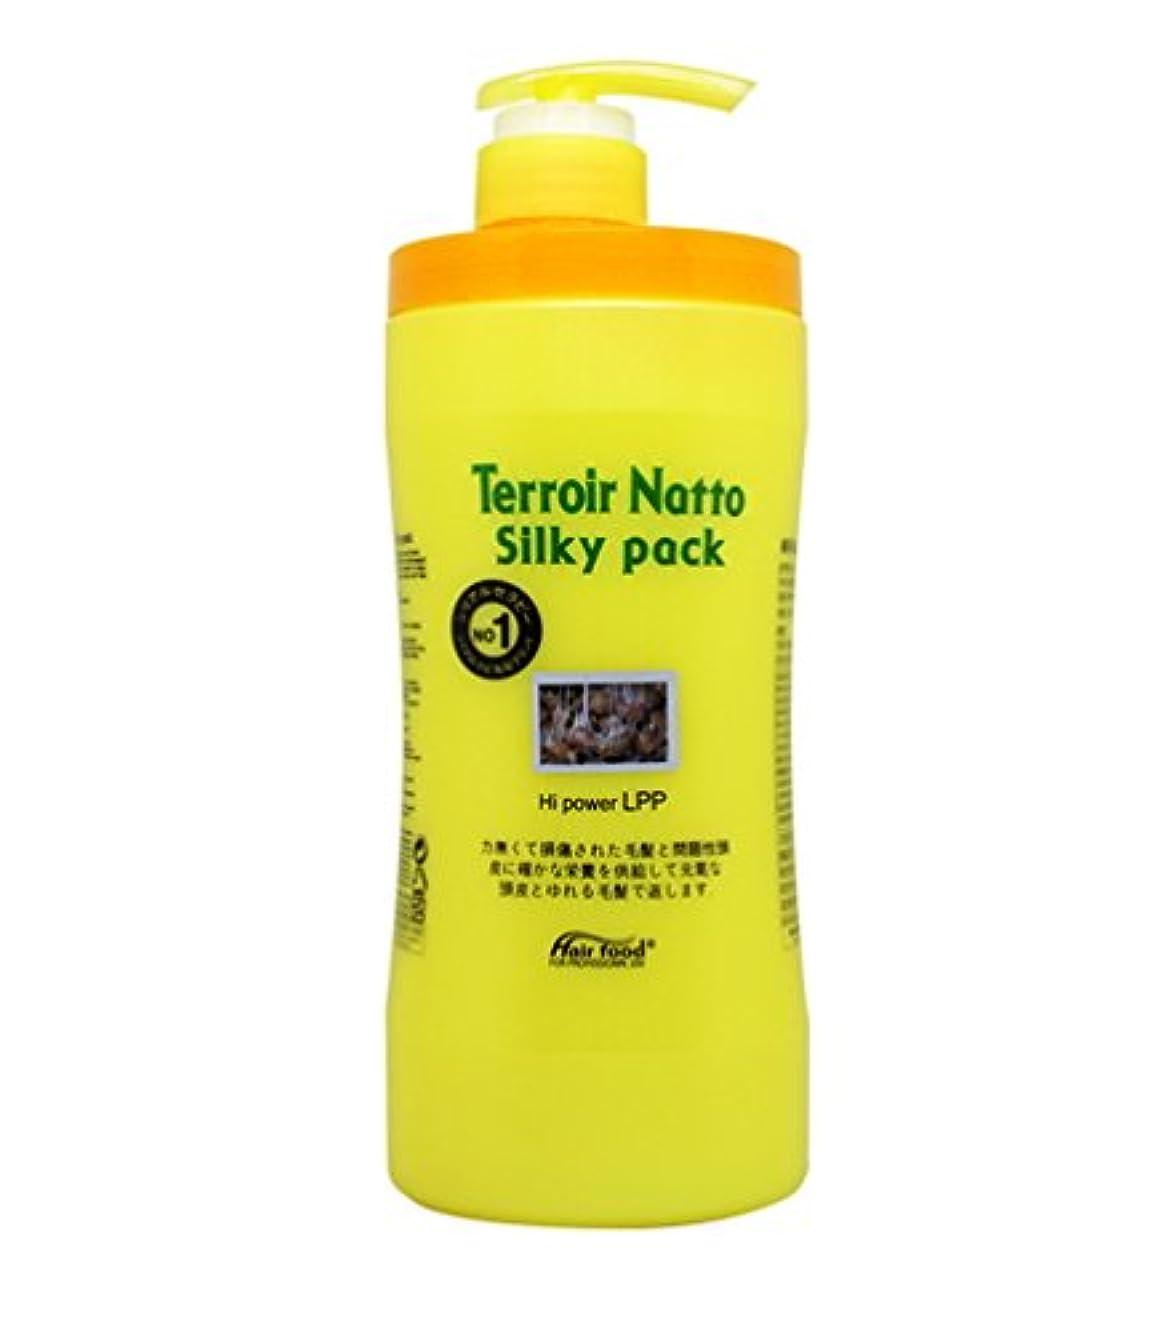 十一近傍ことわざ[MEDICIJAPAN/メディシュジャパン] Hair Food Terroir Natto Silky Pack 1000ml/ ヘアフードテロワール納豆シルキーパック(海外直送品)